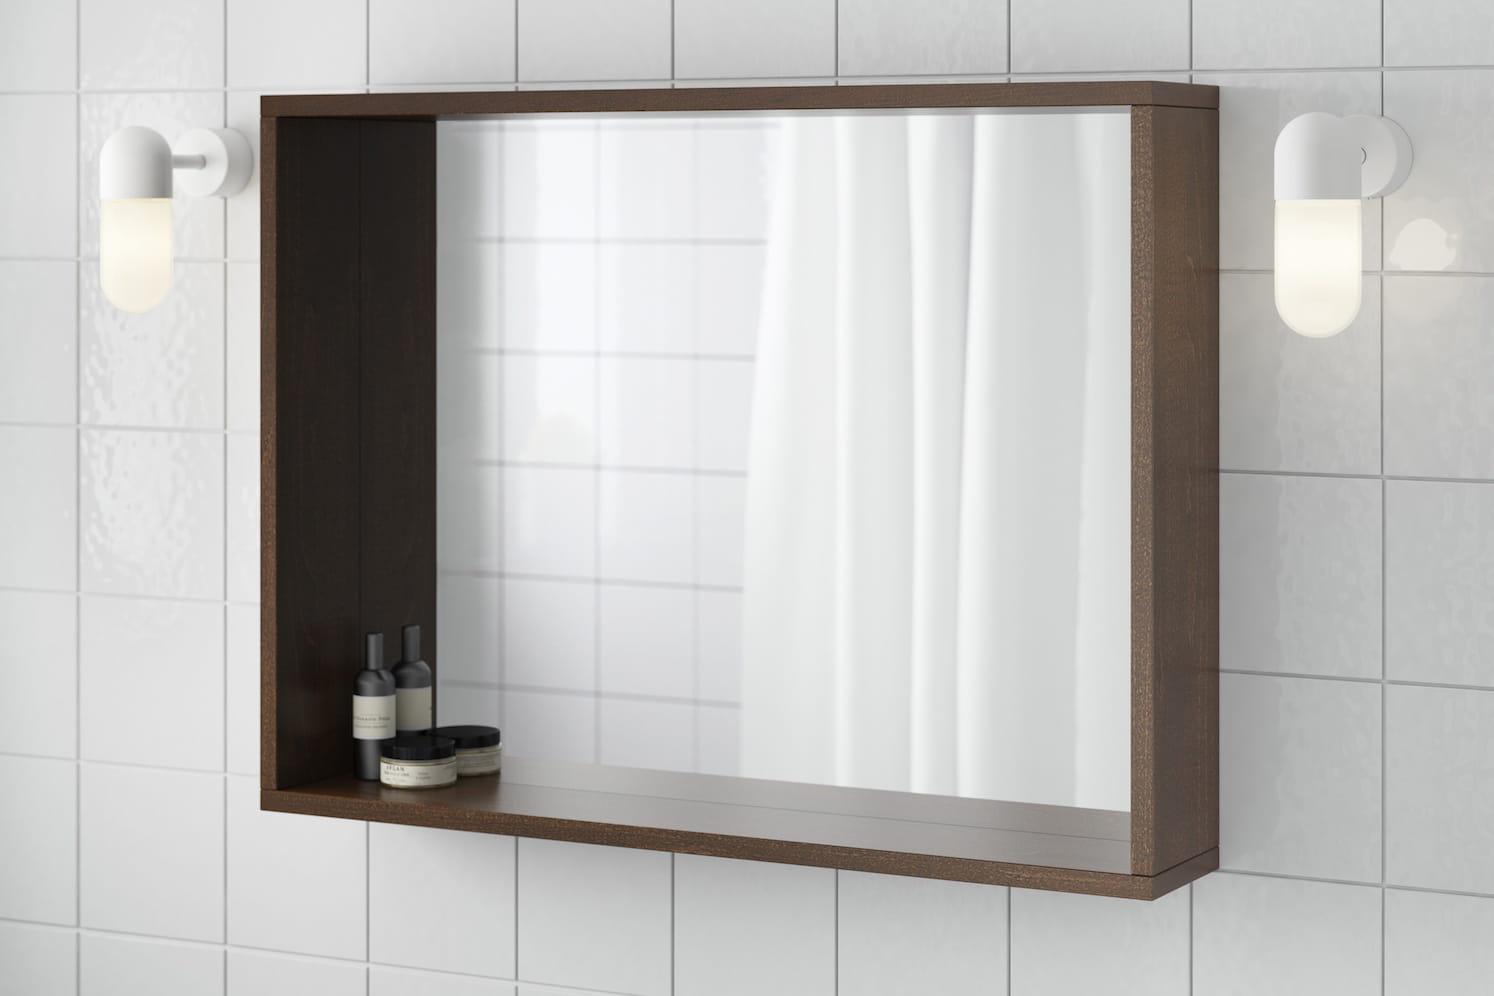 Comment clairer la salle de bains journal des femmes for Eclairer une salle de bain sans fenetre